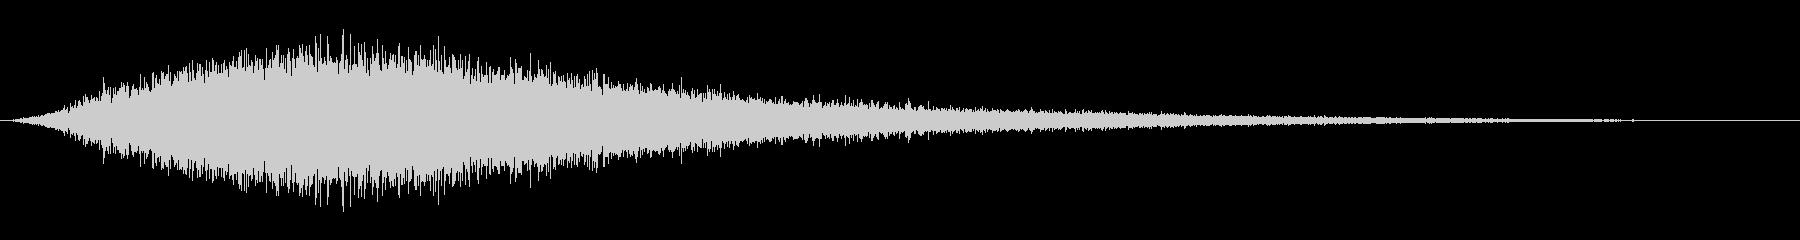 細い魔法の渦巻きのフーシュの未再生の波形